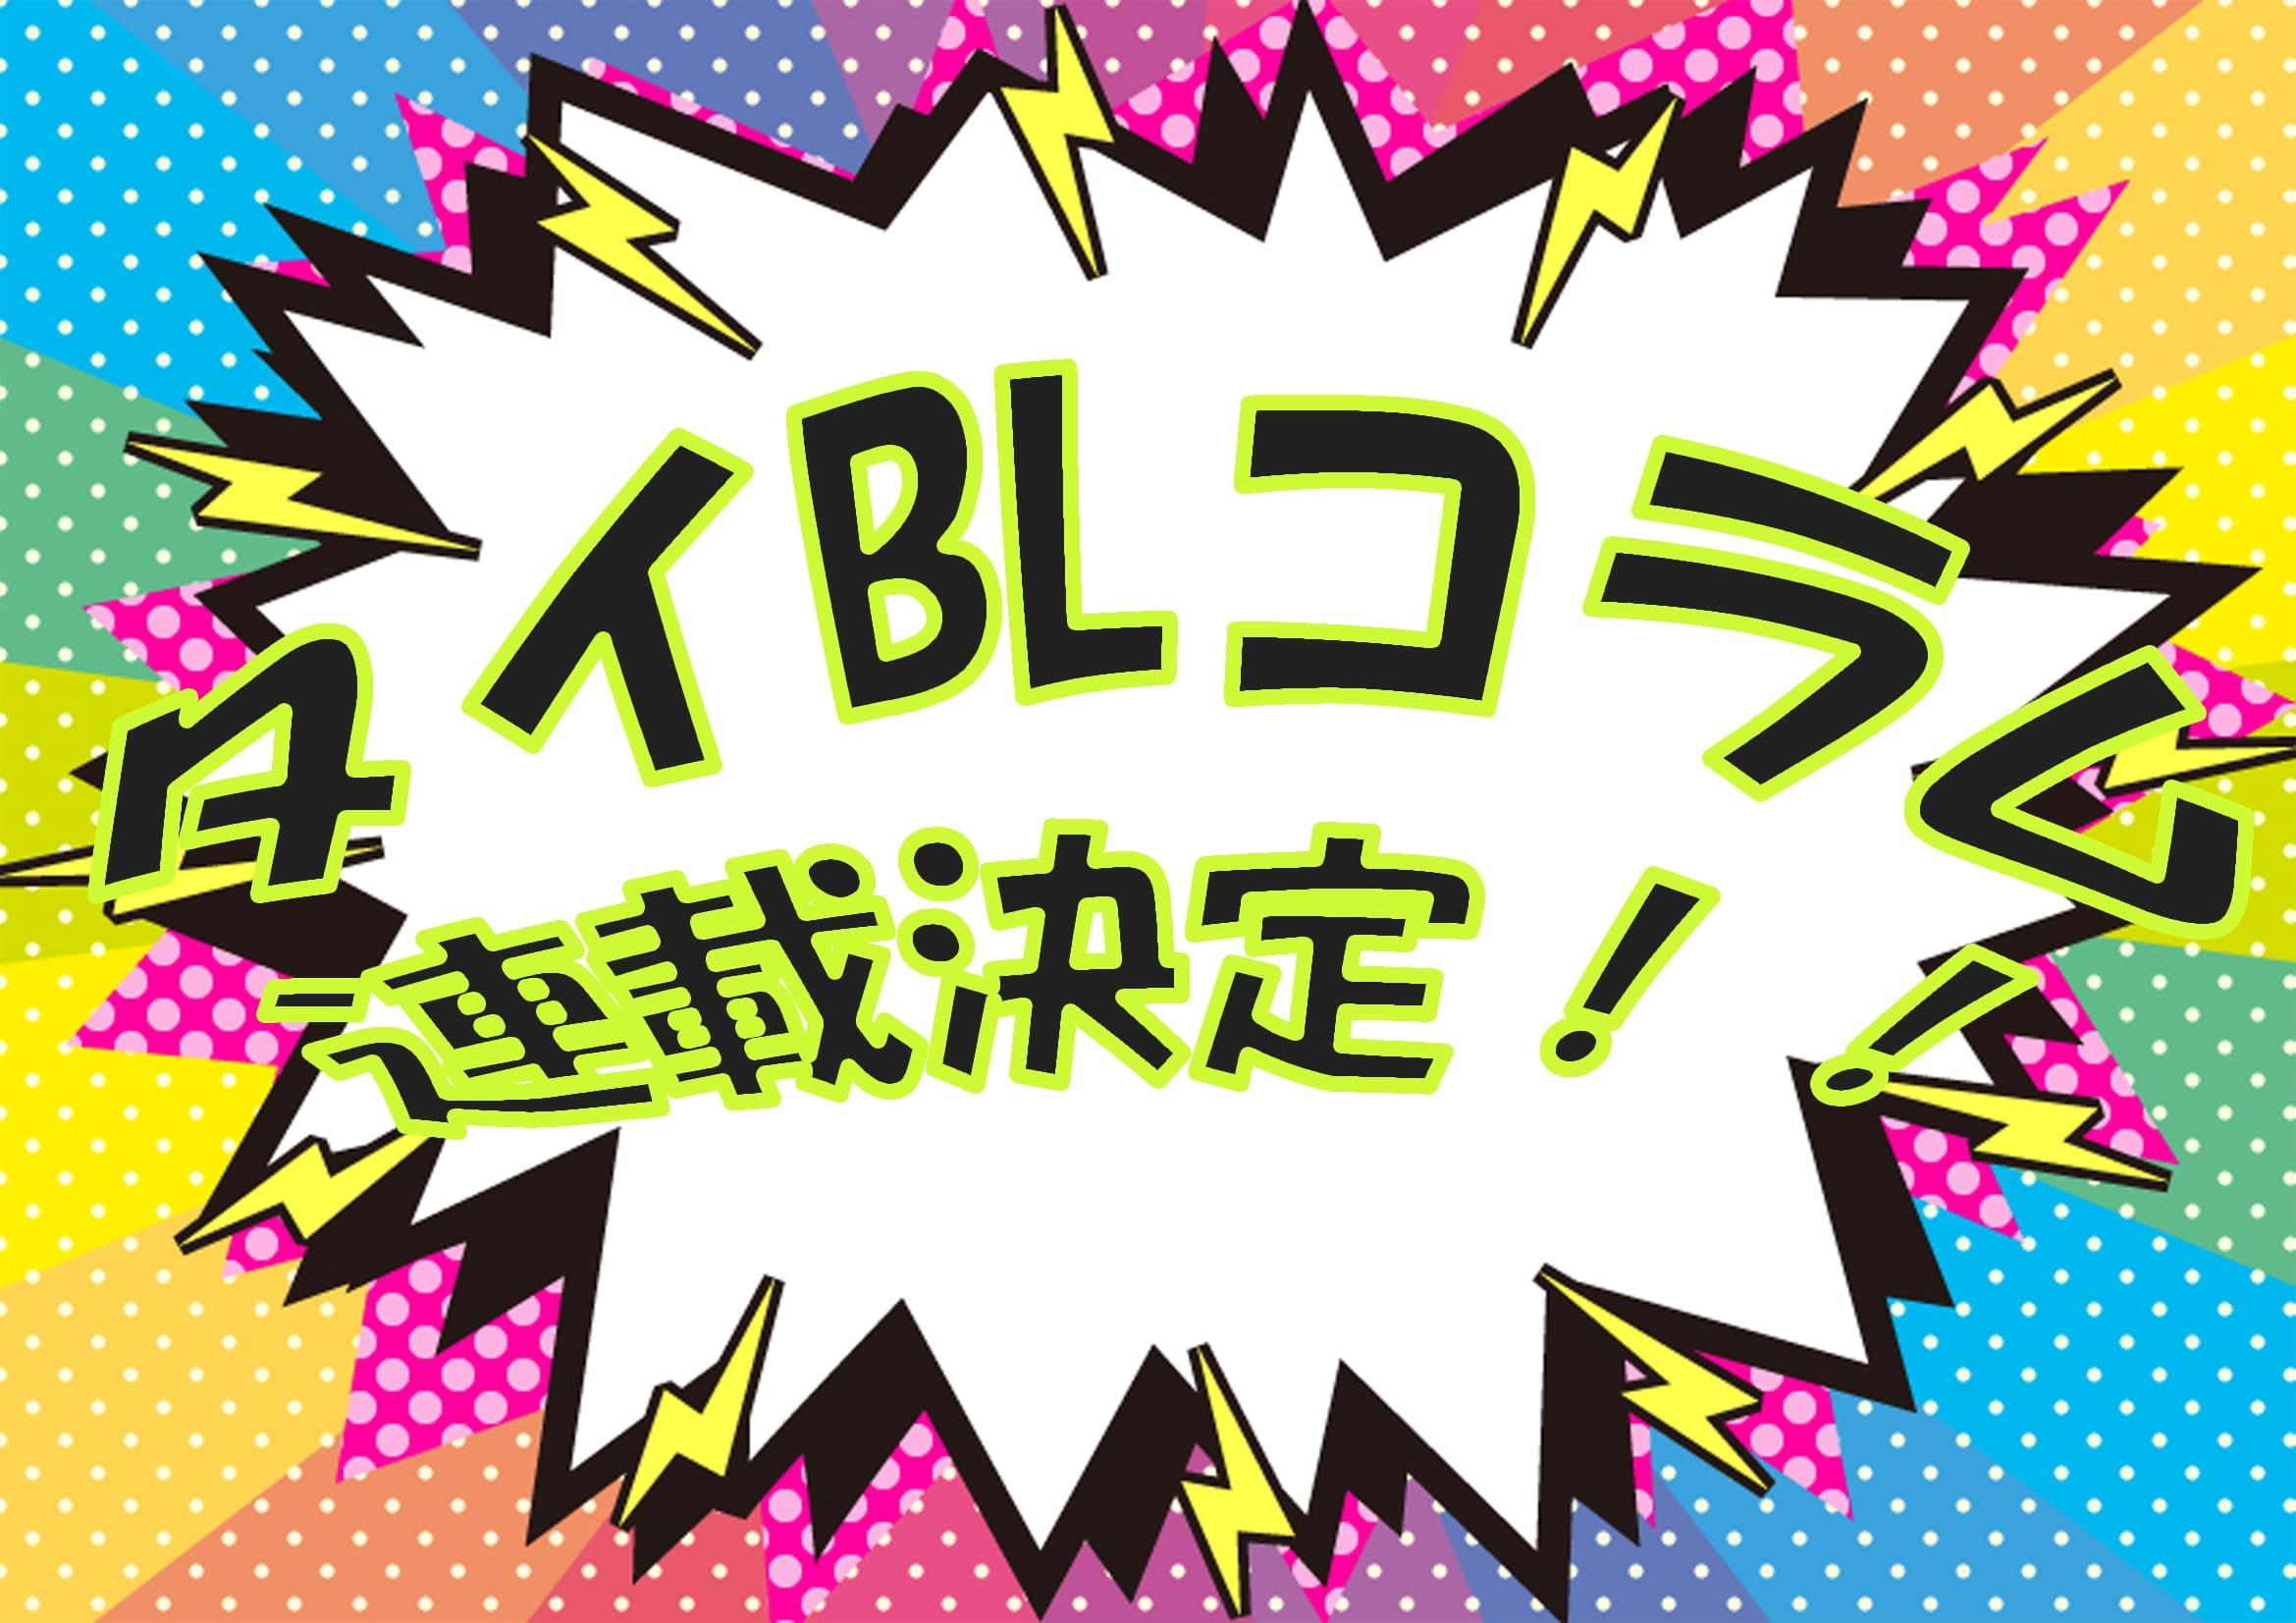 語 Tharntype 字幕 the series 日本